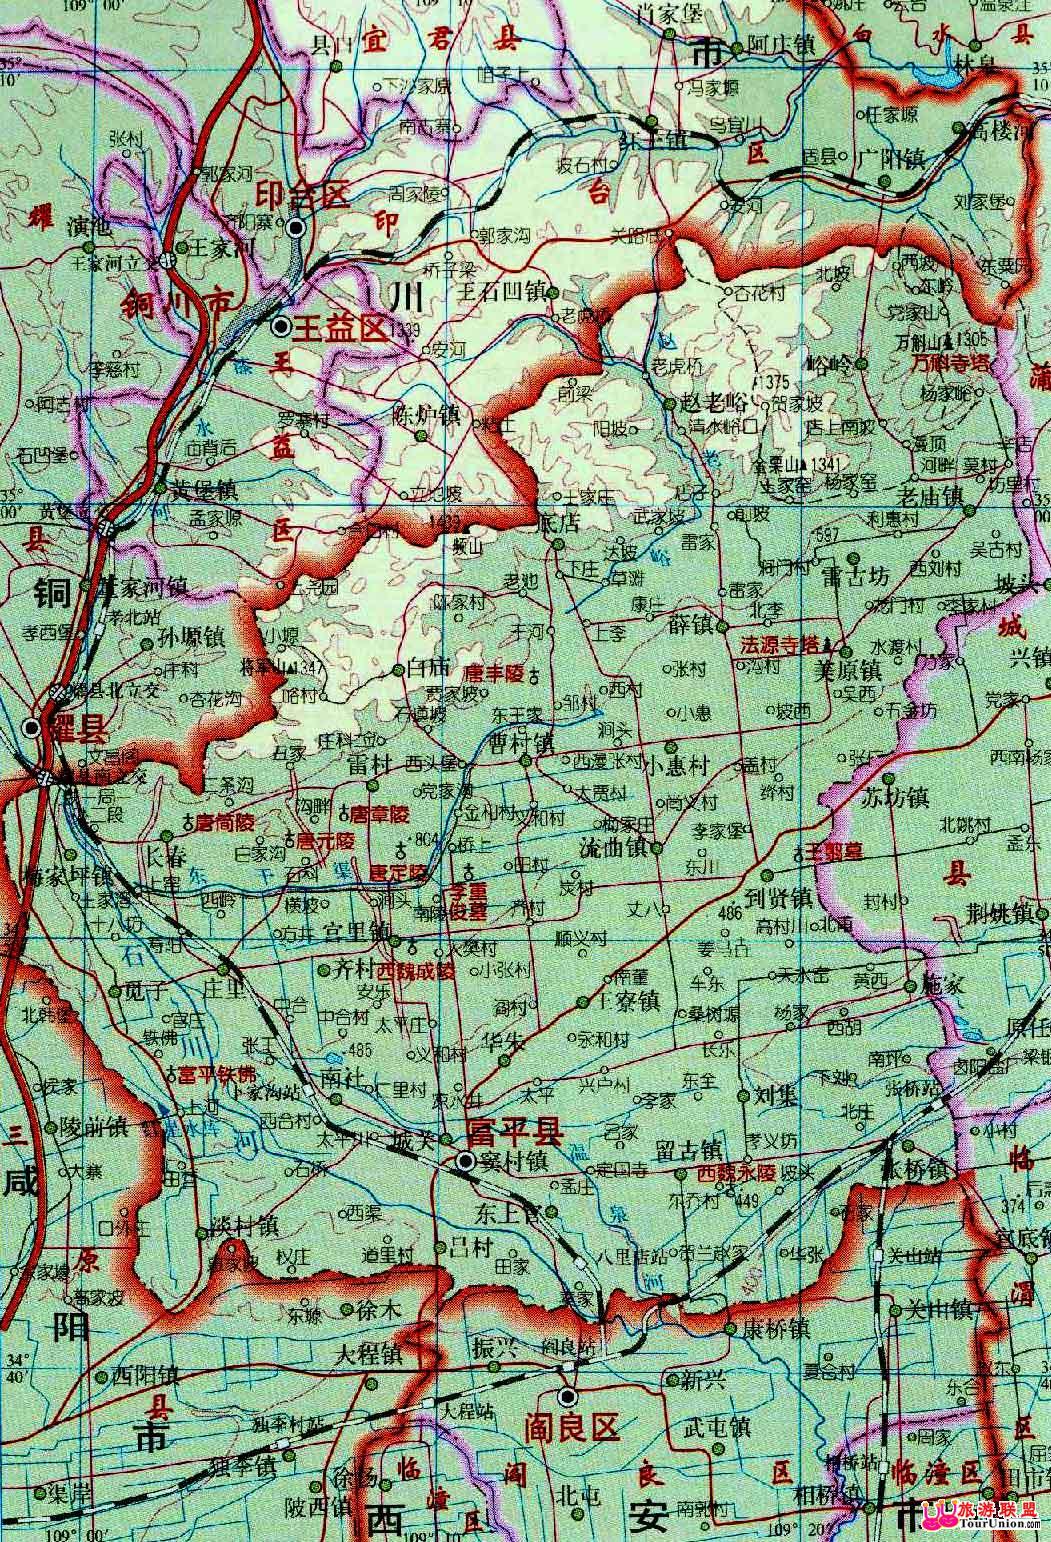 富平县地图,富平县卫星地图,陕西富平县地图图片